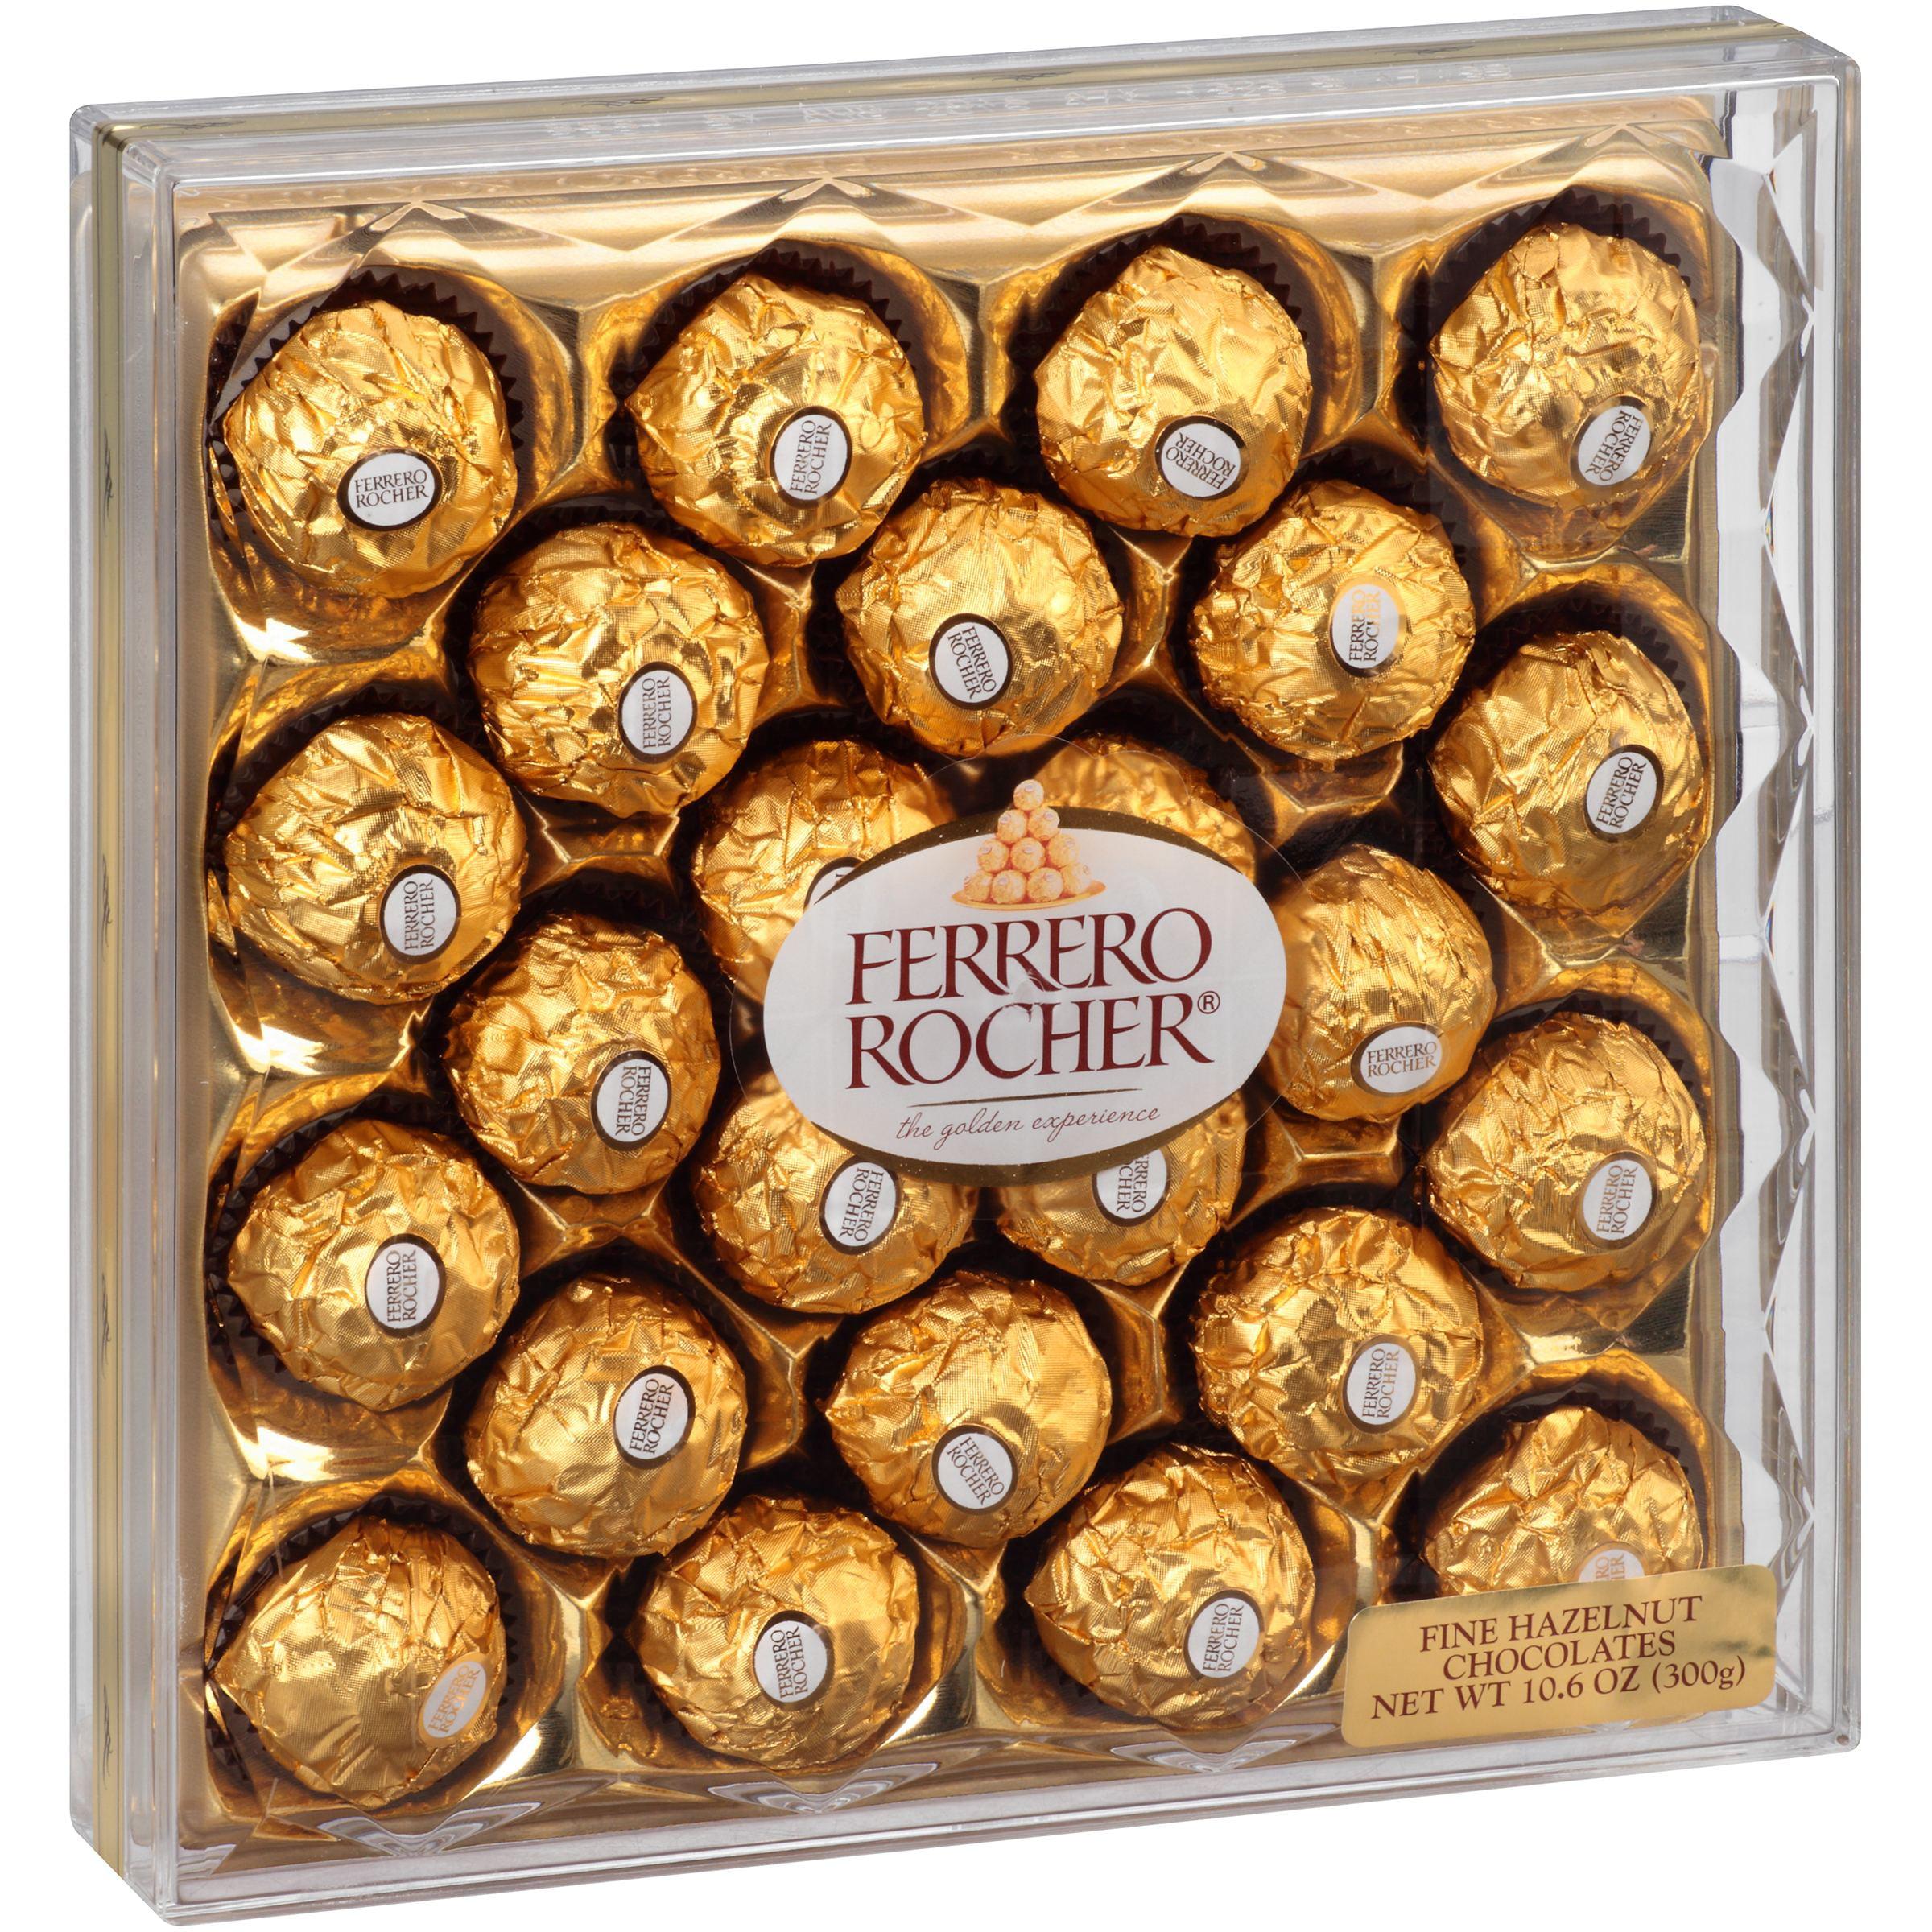 Ferrero Rocher Fine Hazelnut Chocolates, 10.6 oz